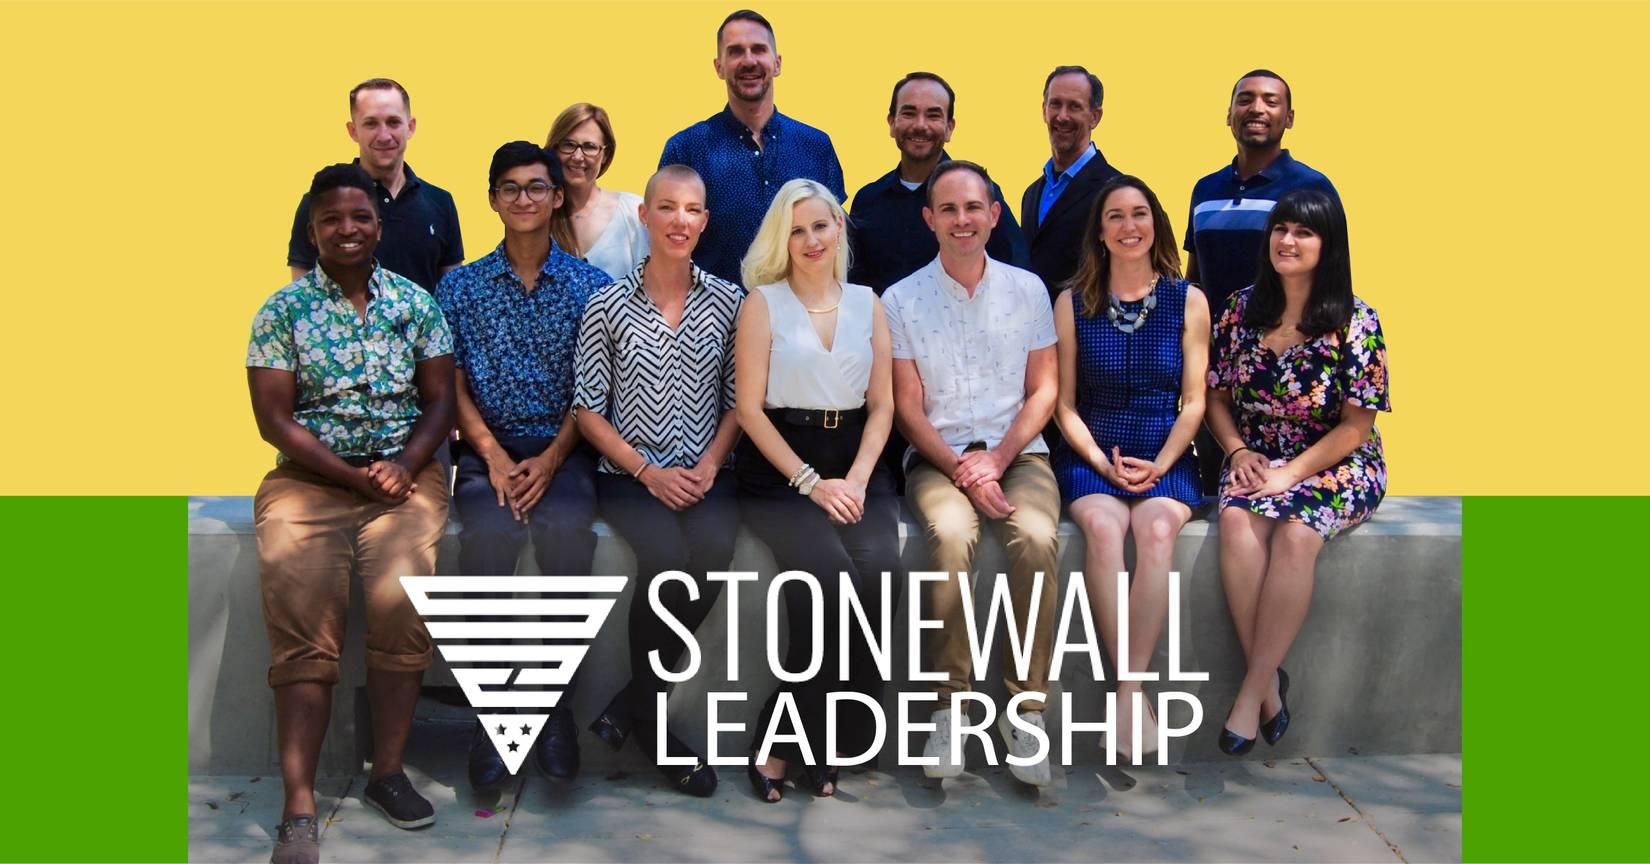 leadership_team.jpg